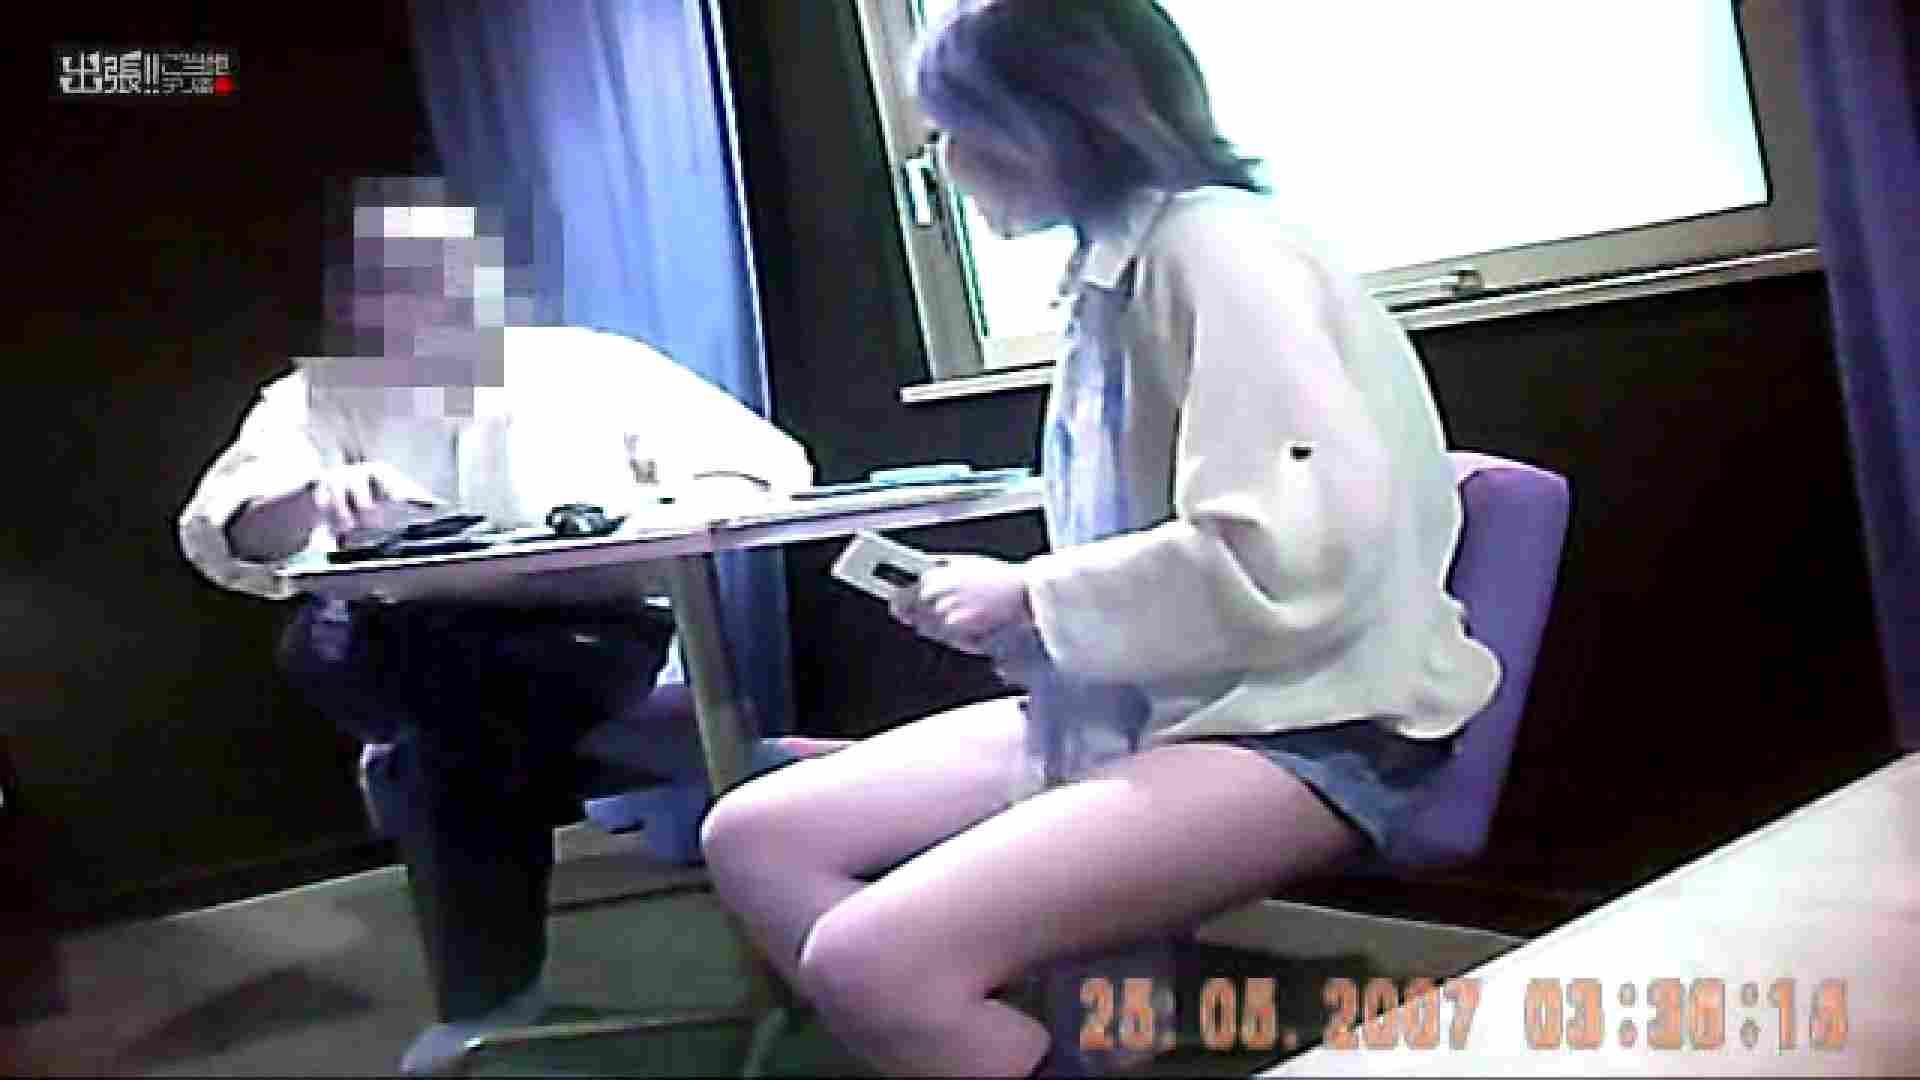 出張リーマンのデリ嬢隠し撮り第3弾vol.5 盗撮 アダルト動画キャプチャ 97pic 19